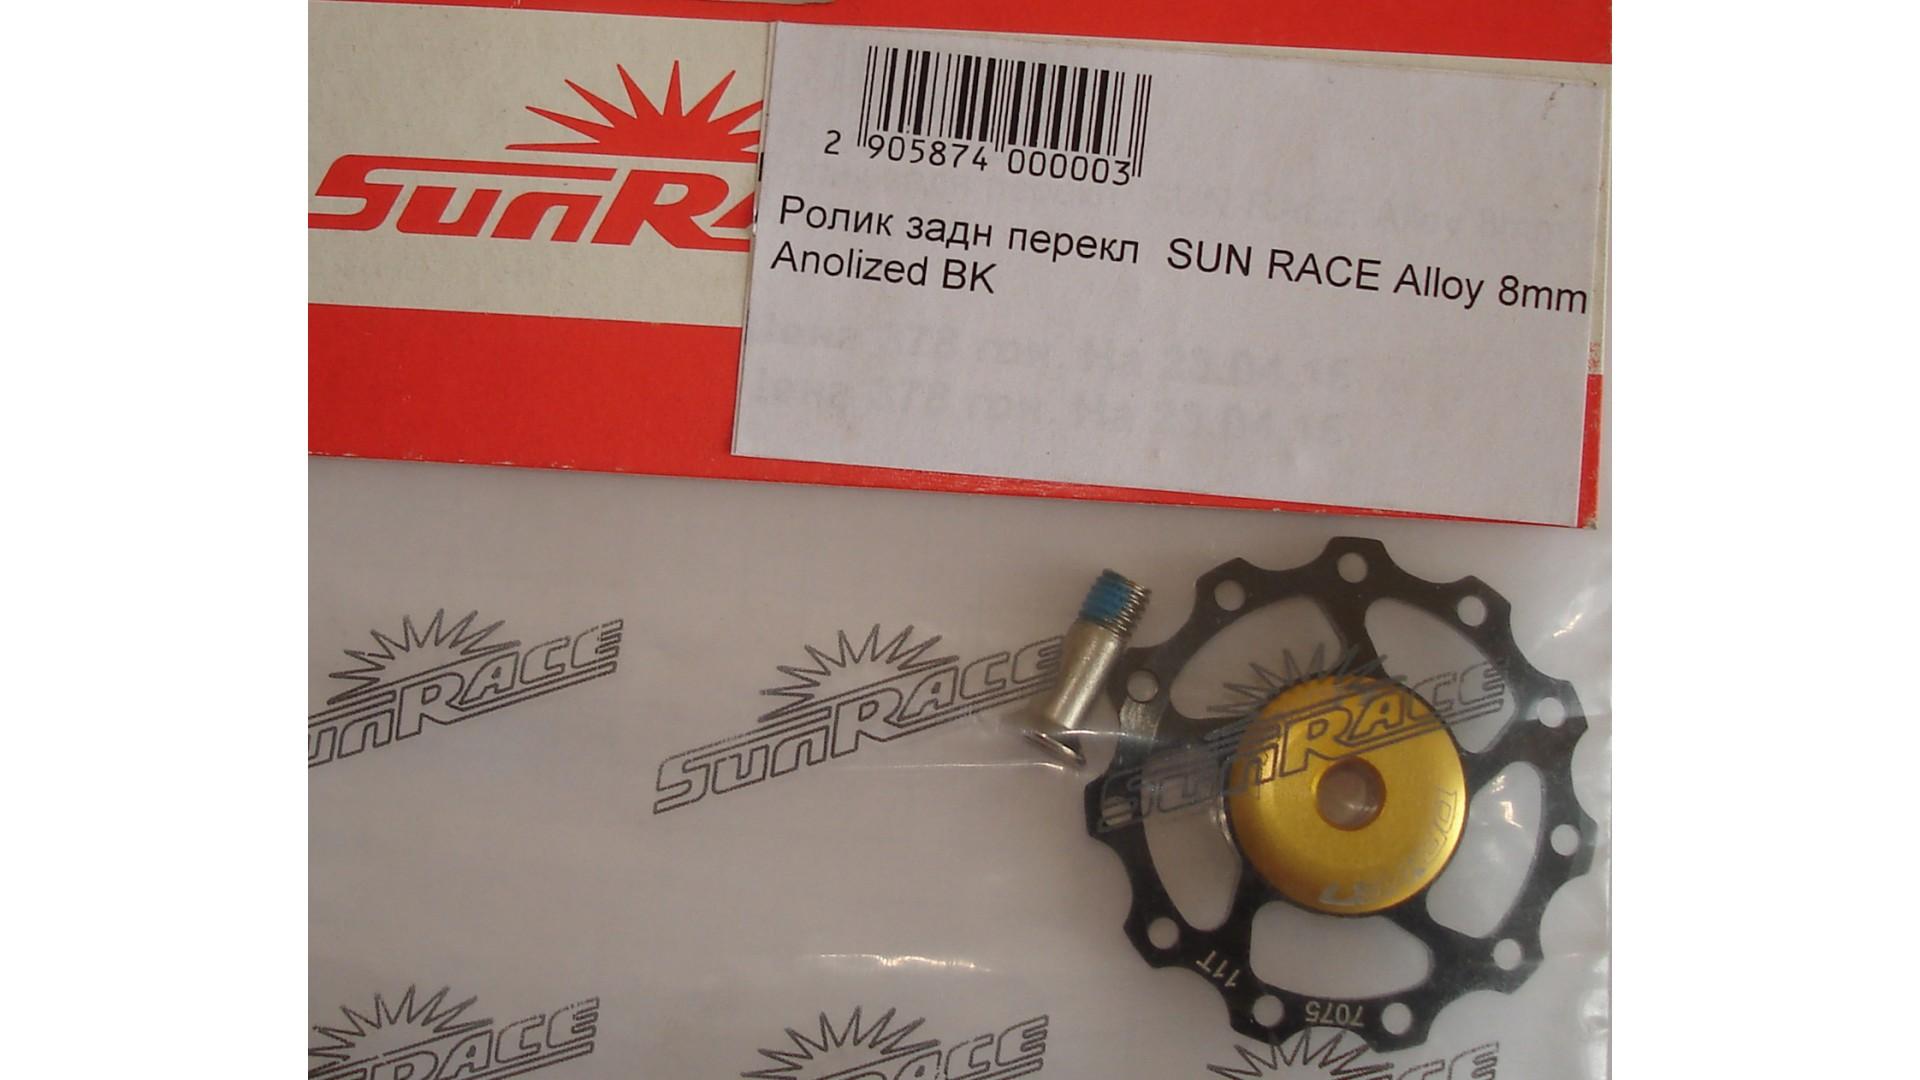 Ролик к заднему переключателю SUN RACE Alloy 8mm. Anolized BK